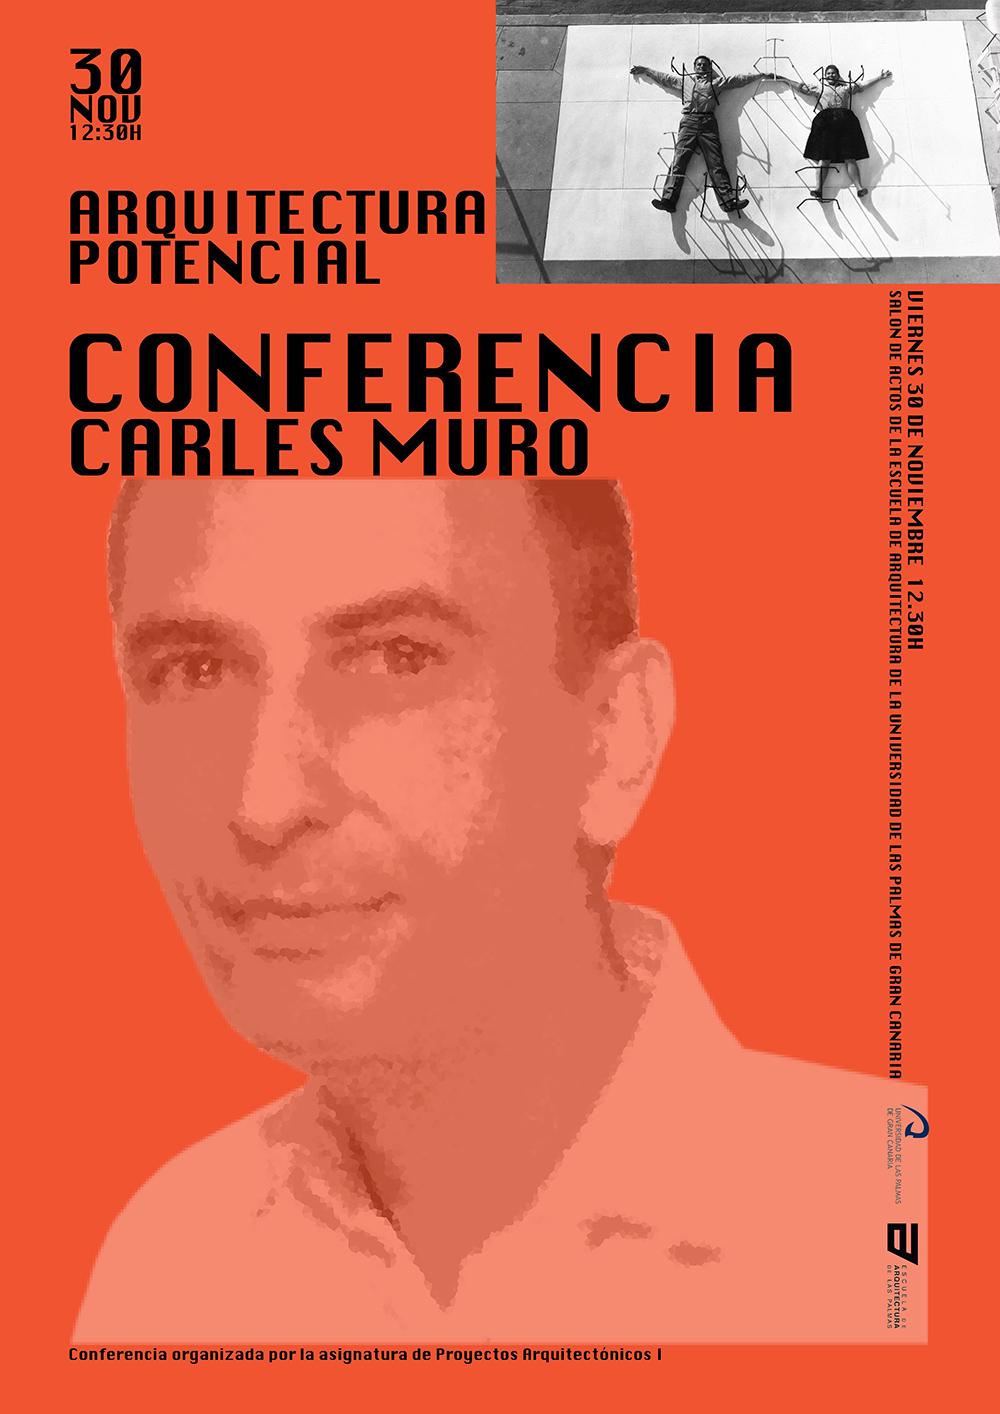 Conferencia 'Arquitectura potencial' de Carles Muro